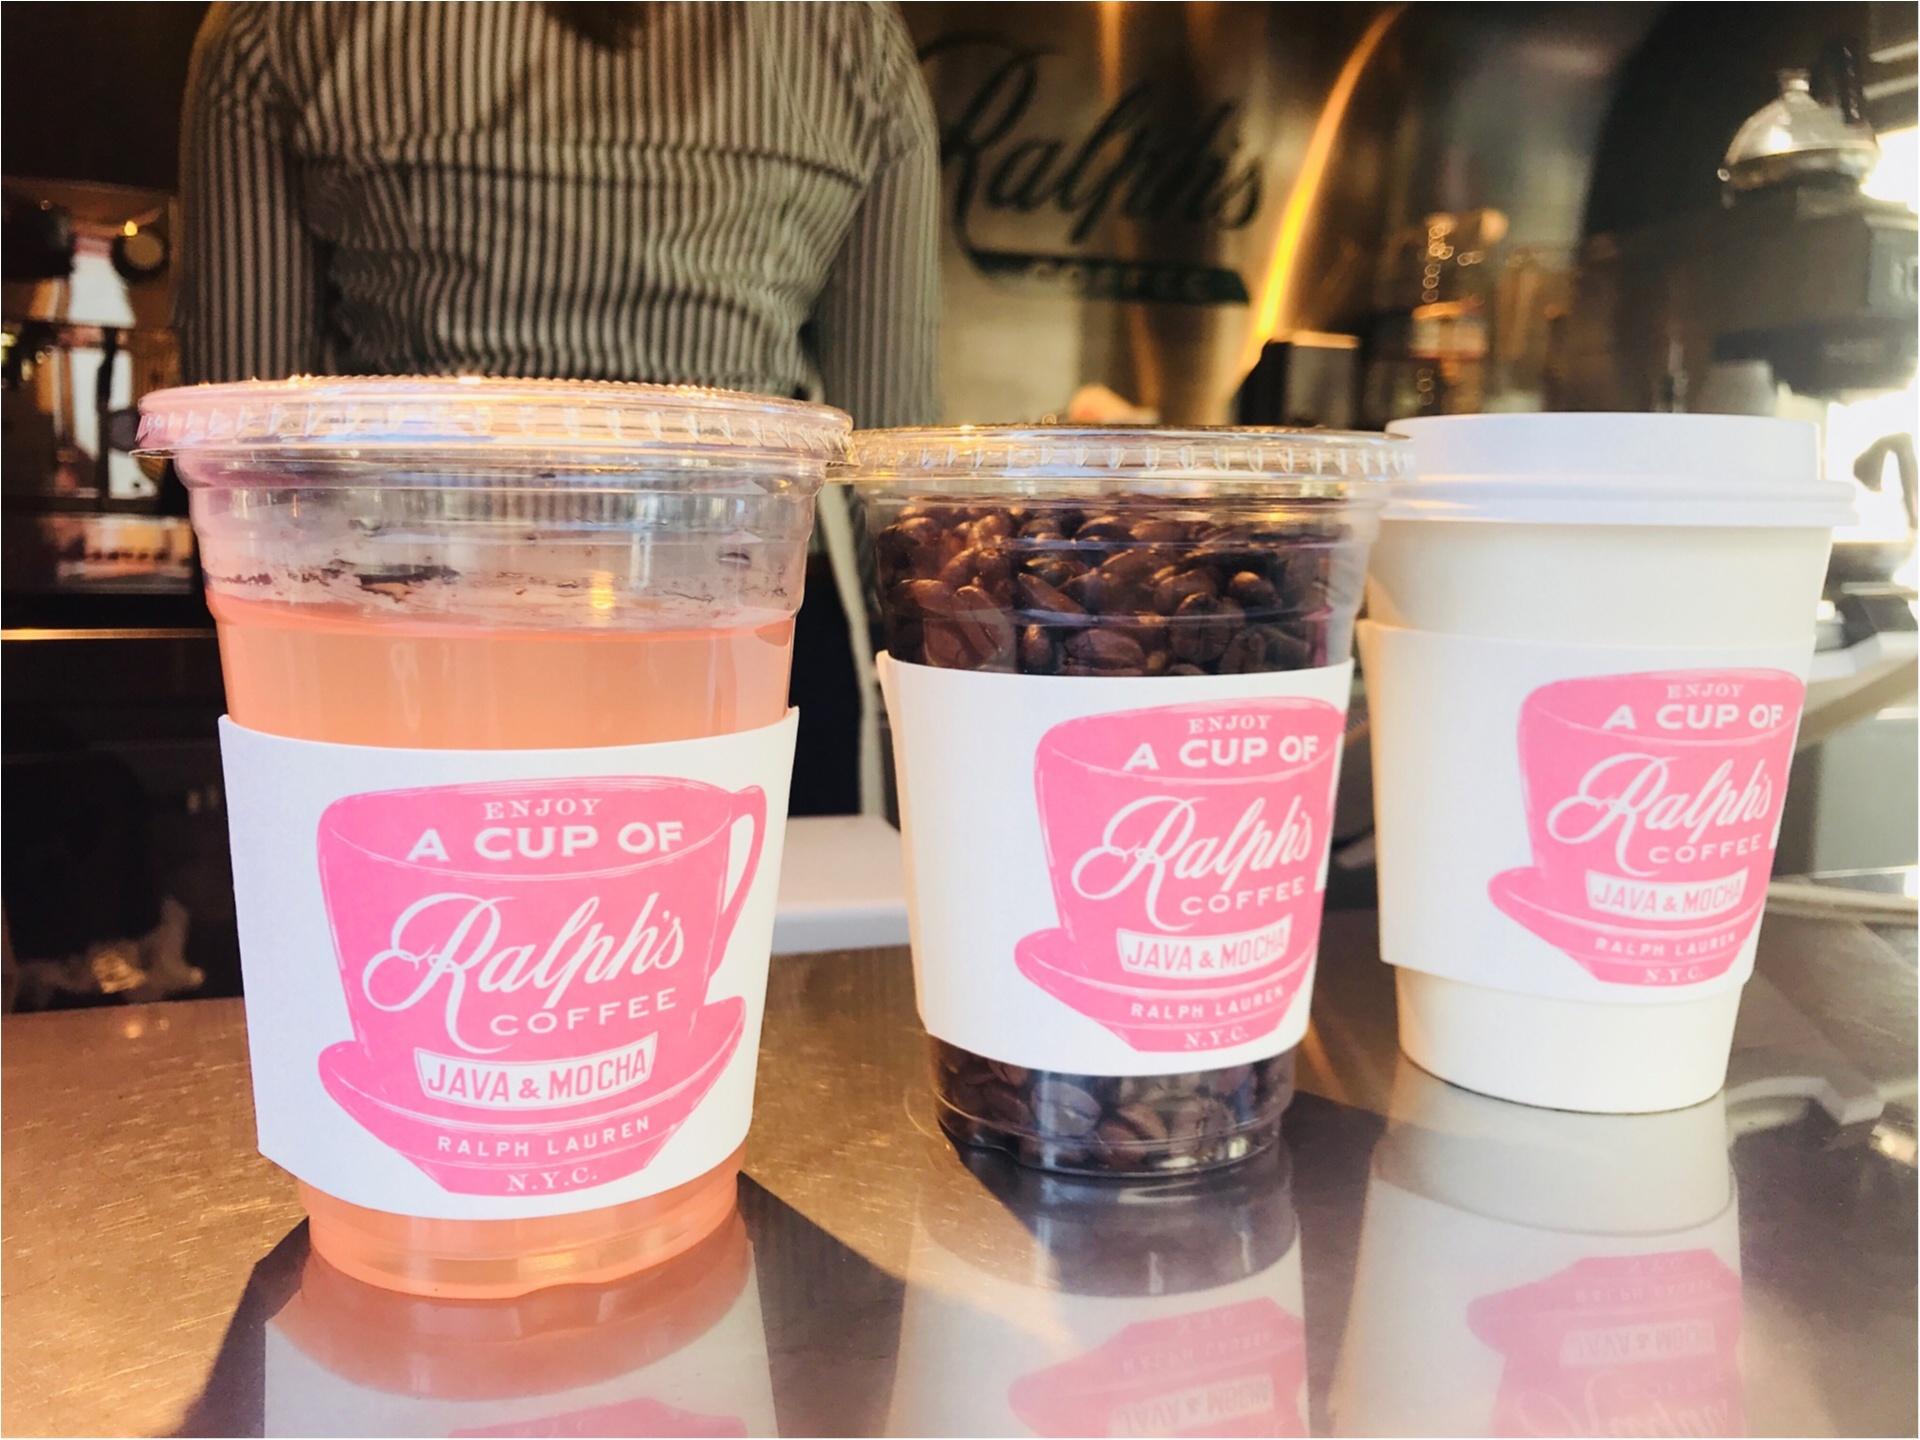 期間限定で《ラルフズコーヒートラック》がピンク色に!限定ピンクレモネードが美味♡_3